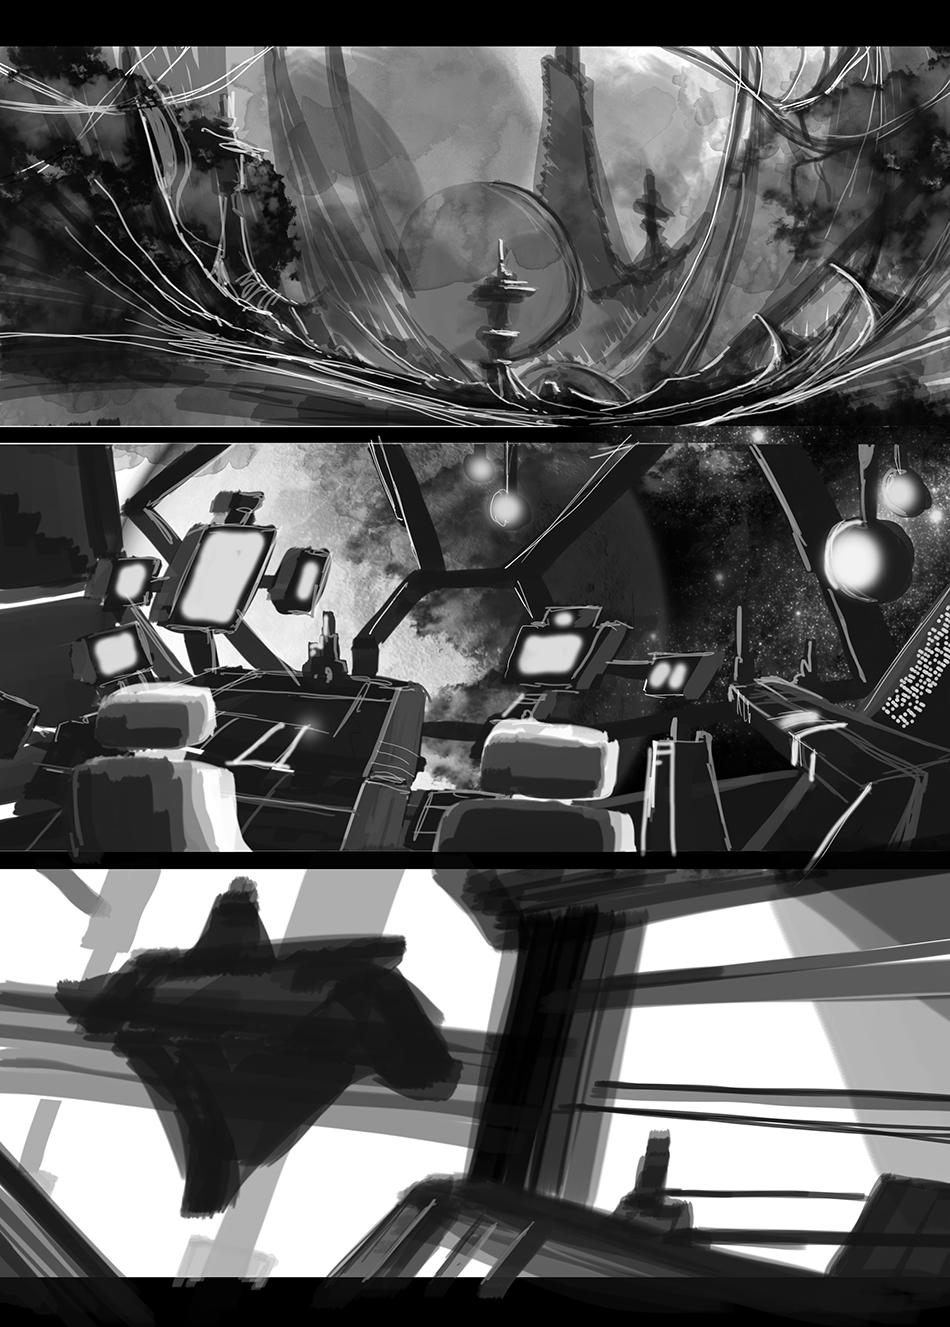 planetdock_02